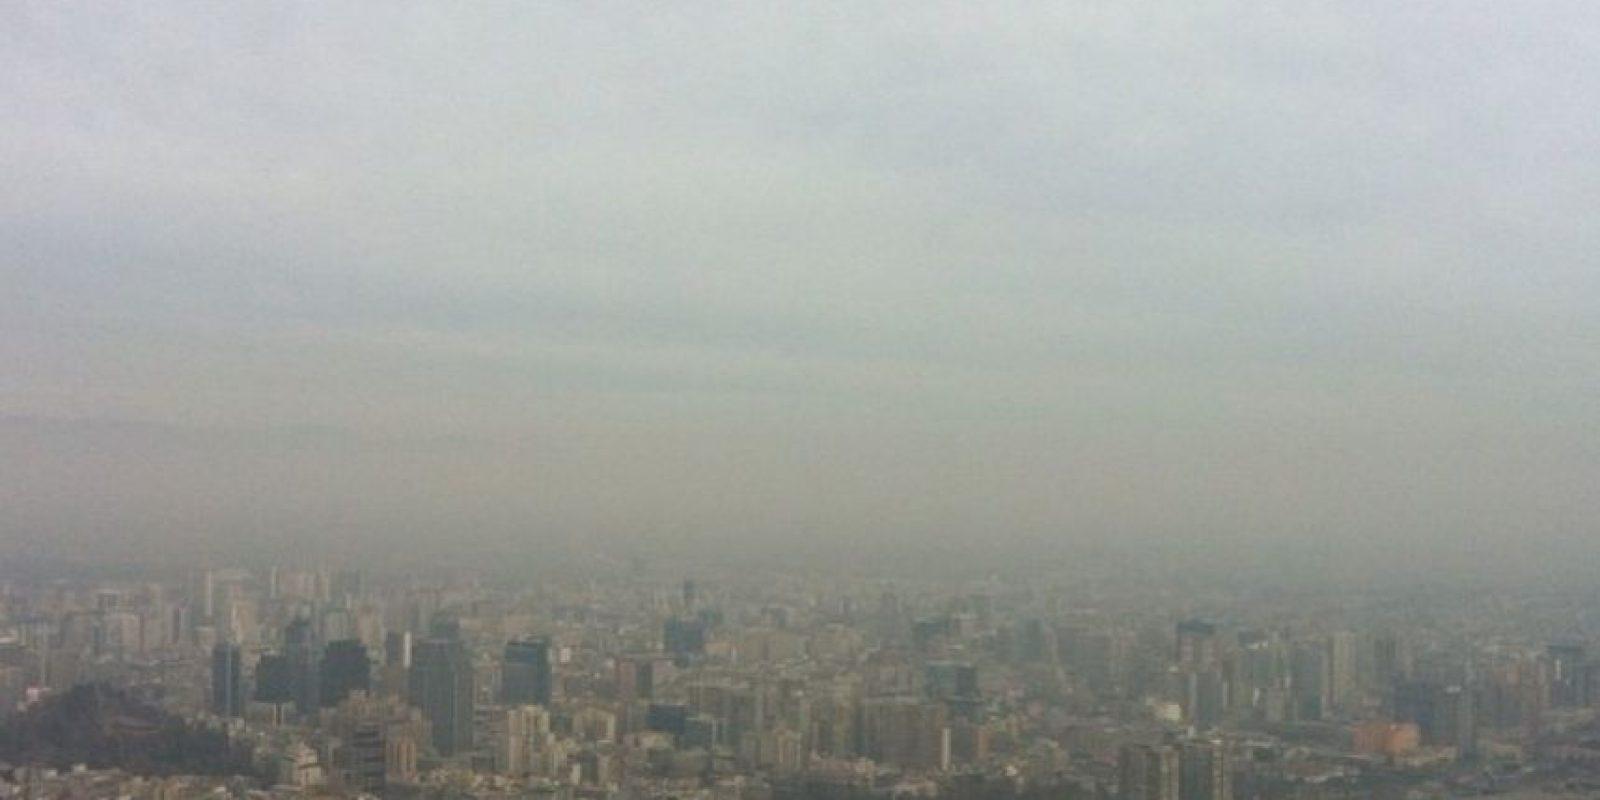 La falta de lluvias afecta la situación. Foto:Vía Instagram @fideide